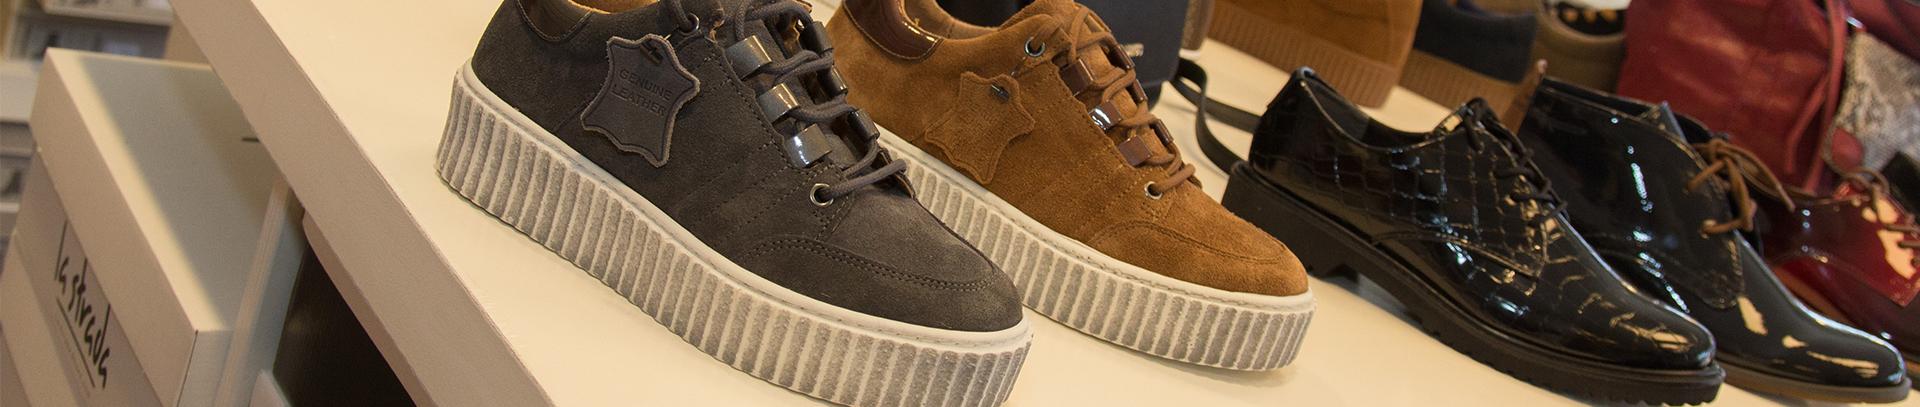 schoenen-slider-5